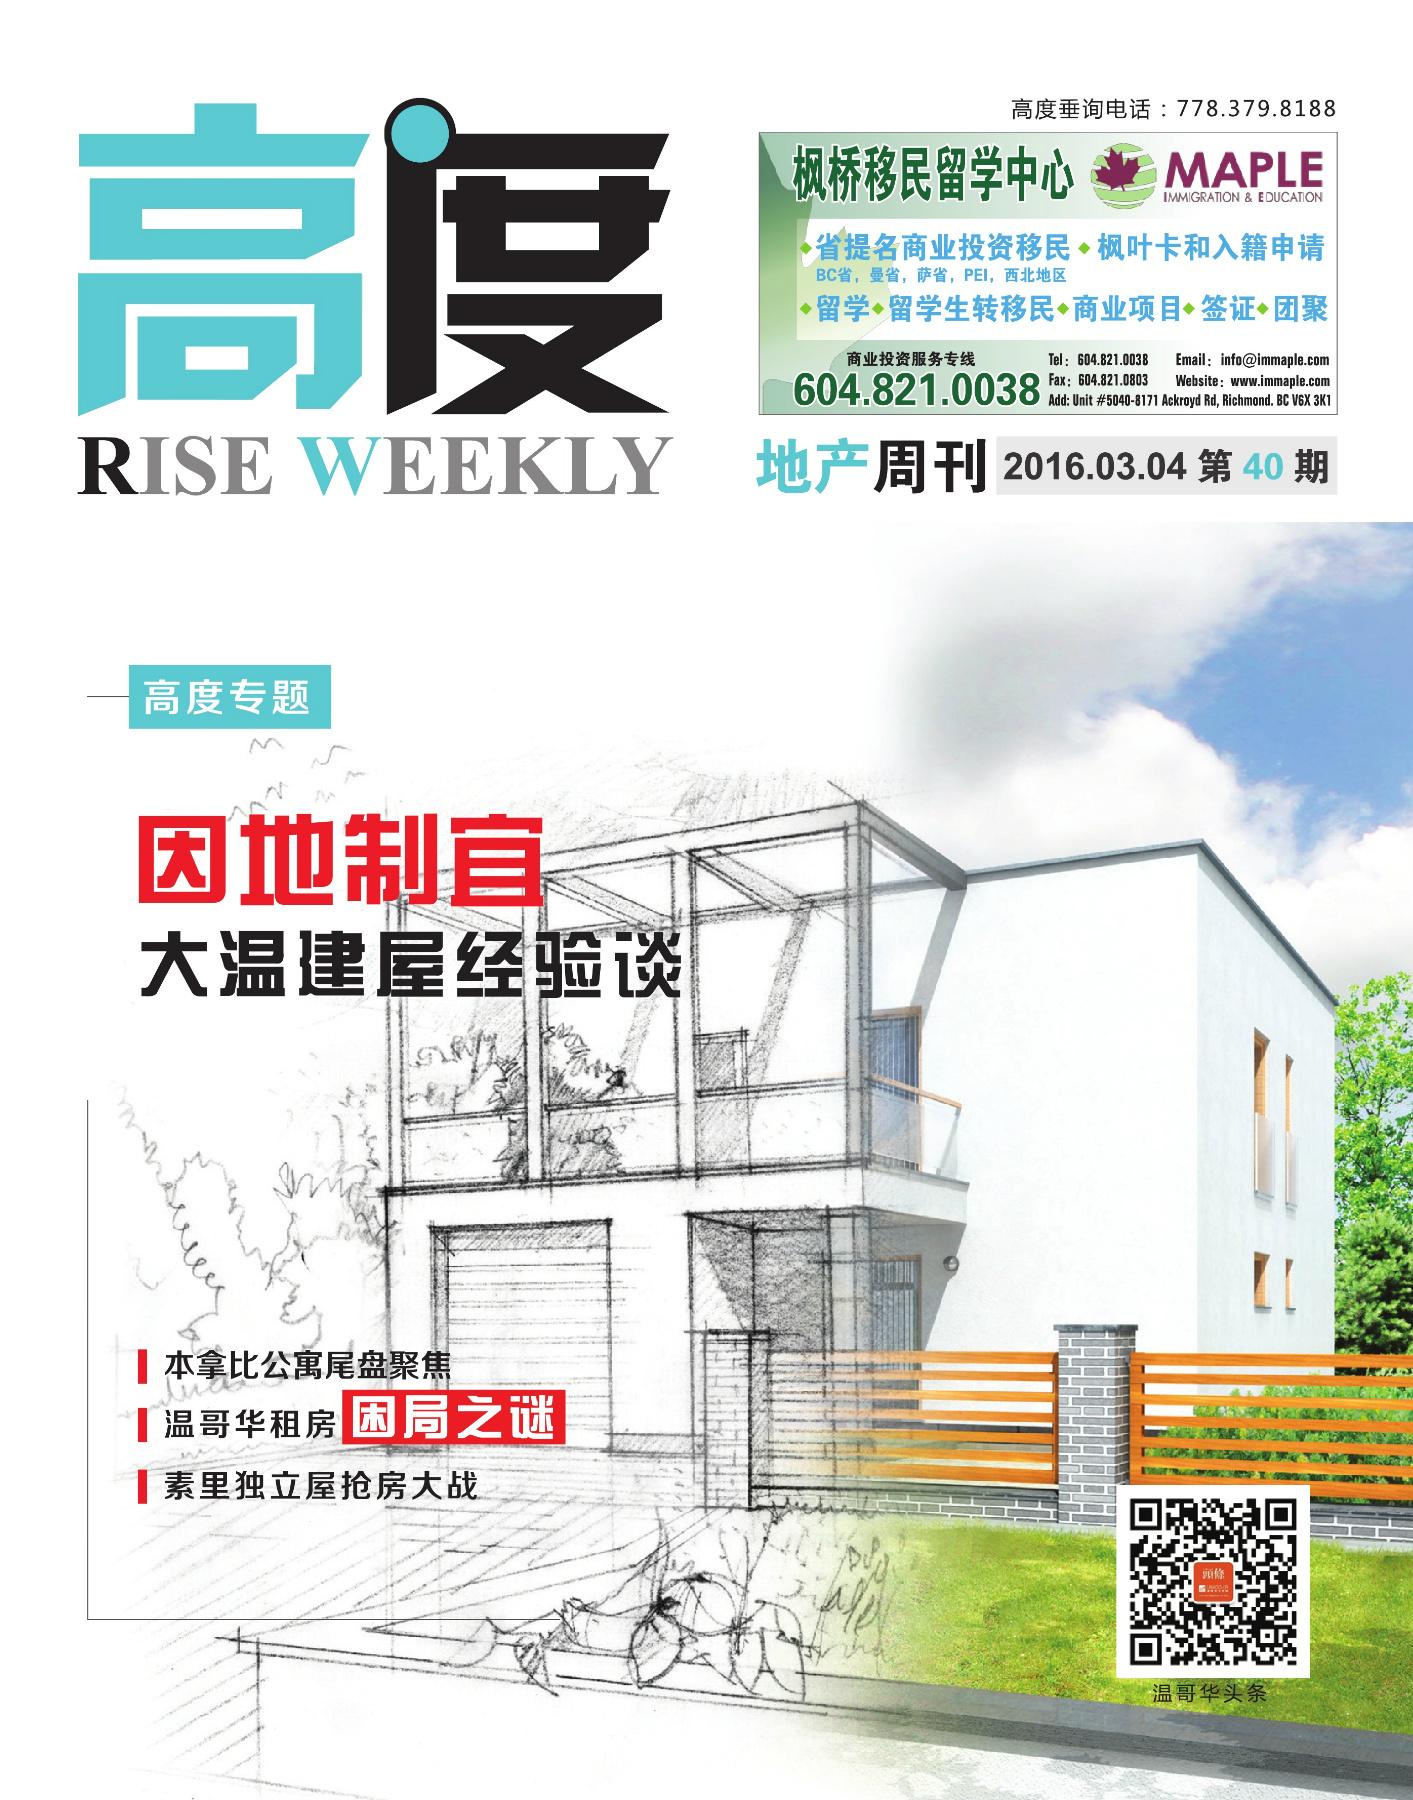 高度地产周刊 2016年03月04日 第40期